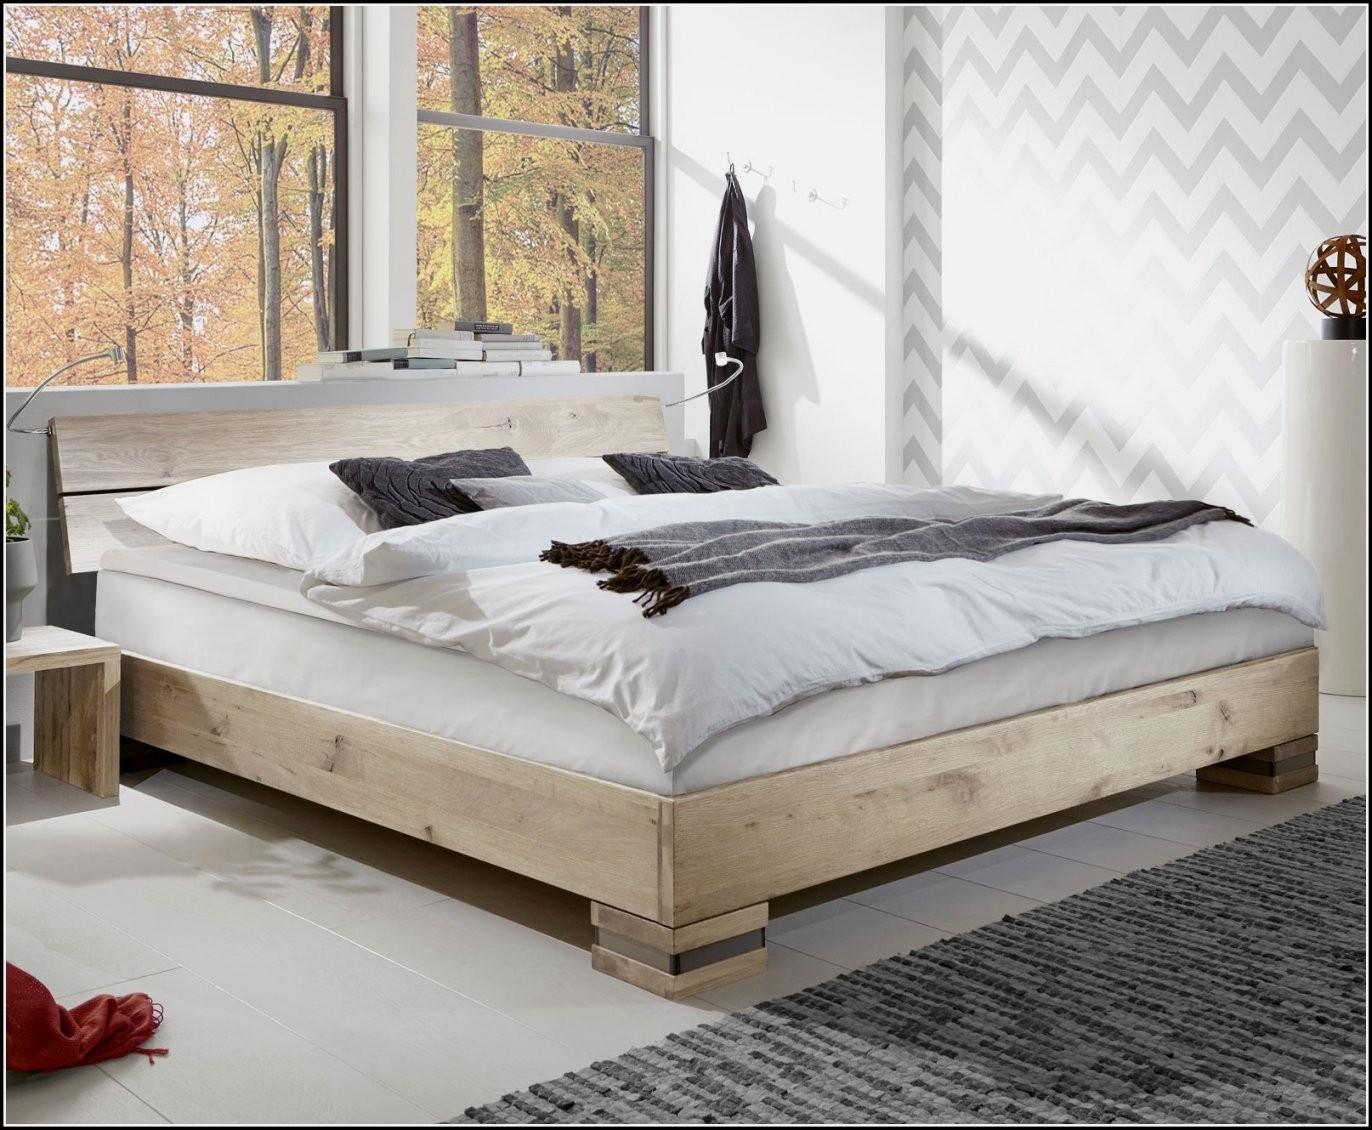 Ausgezeichnet Bett Mit Matratze 180X200 Komplett Betten 160X200 von Bett Weiß 180X200 Holz Bild